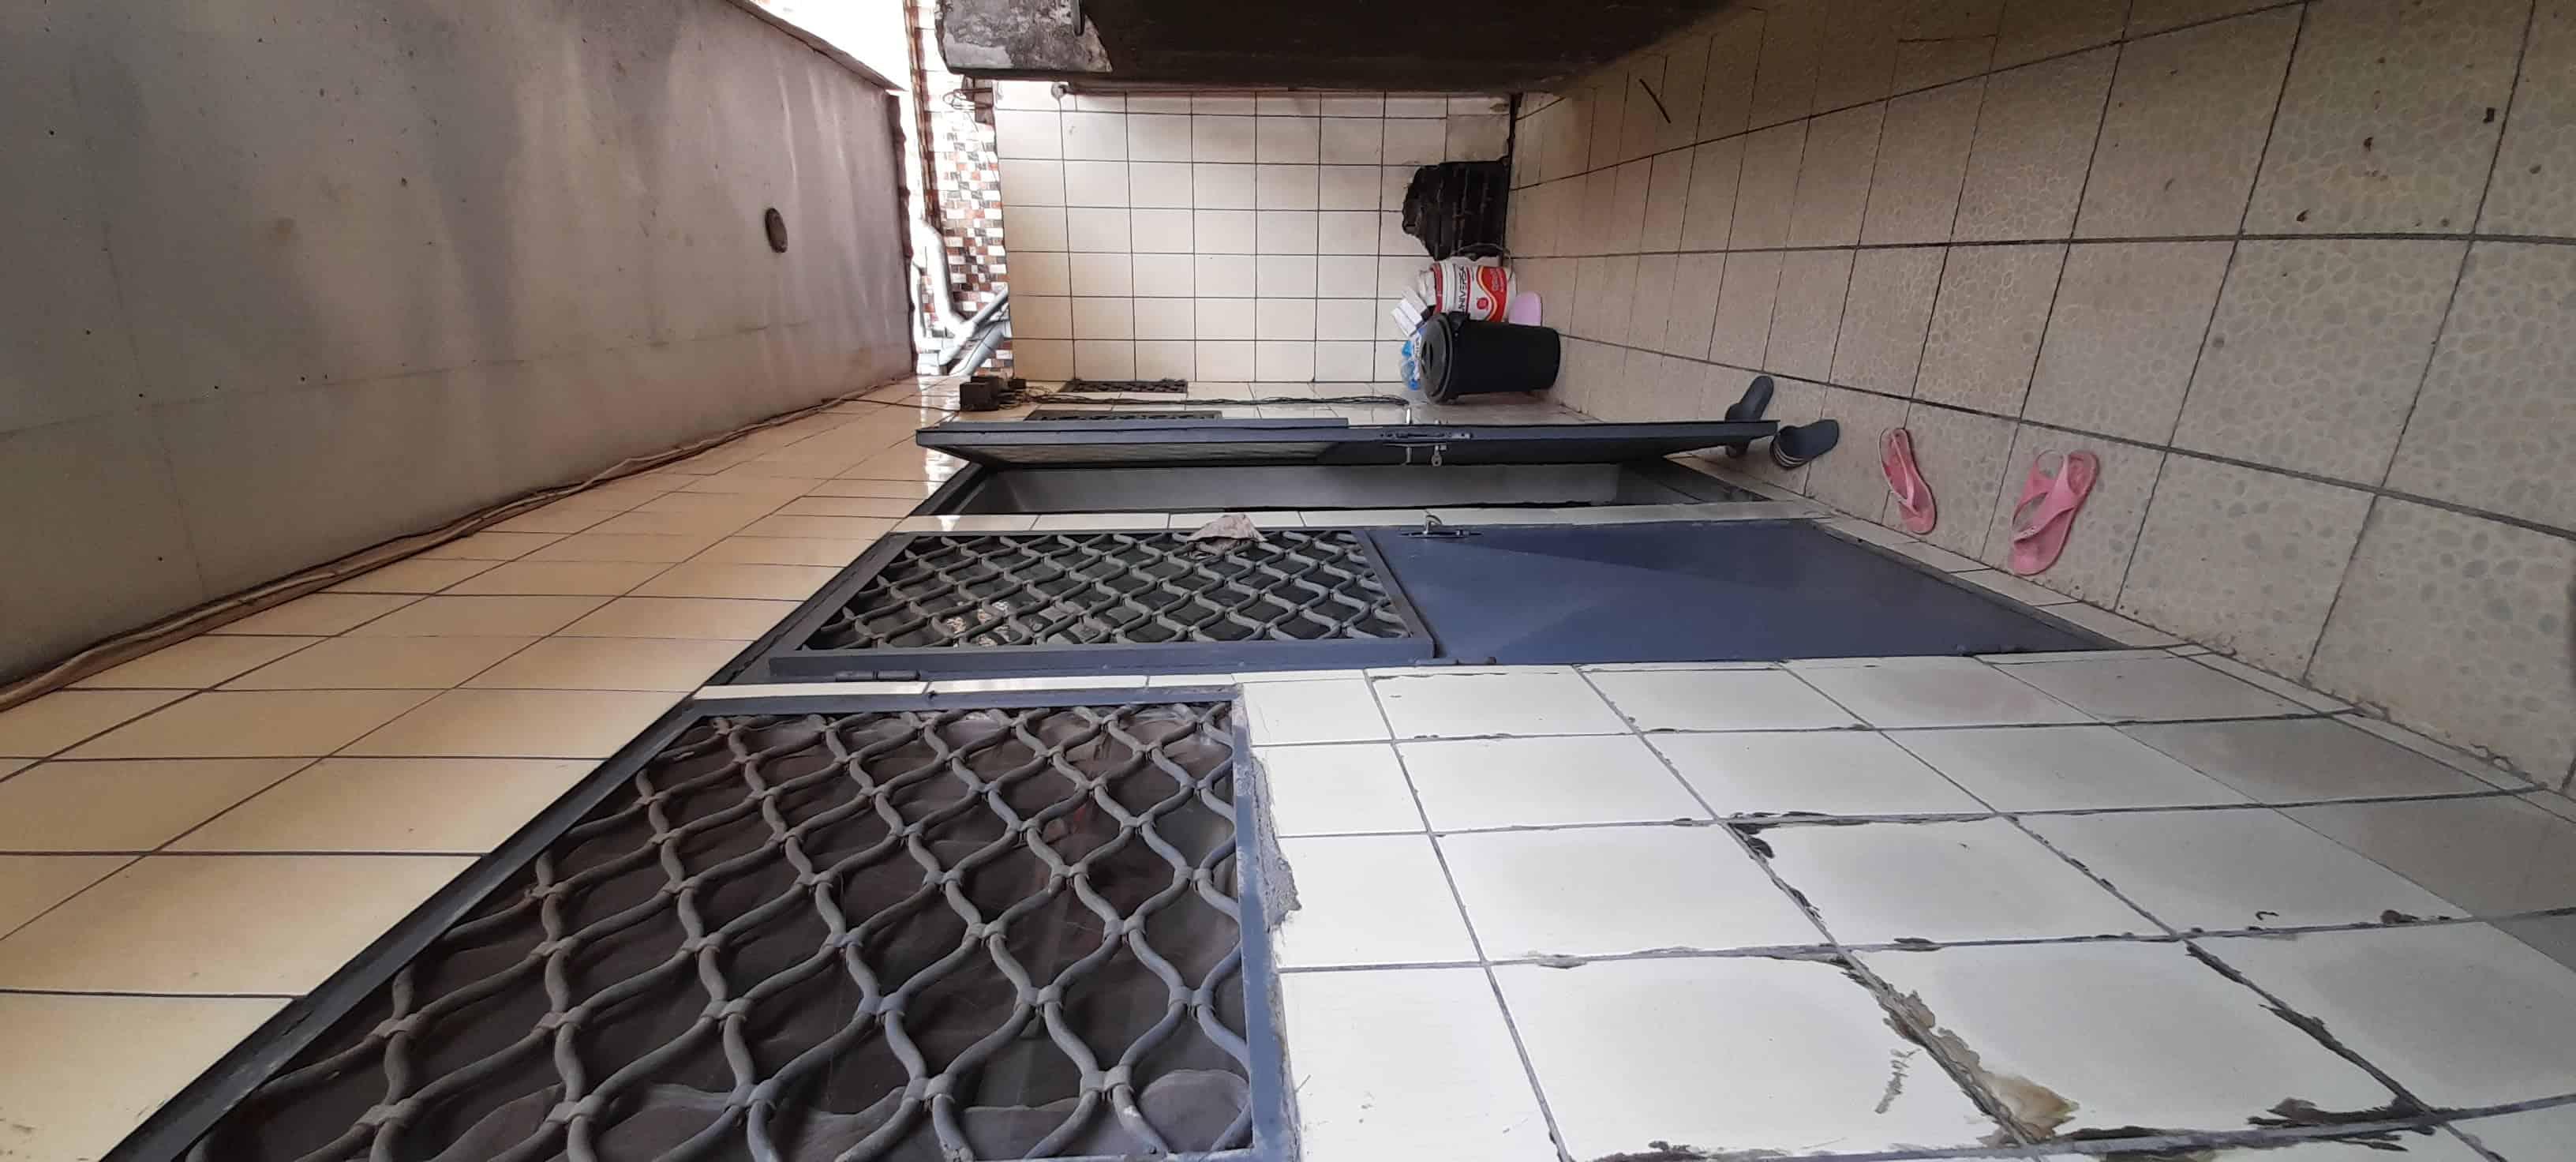 Chambre à louer - Douala, Makepe, Lycée de makepe - 30 000 FCFA / mois